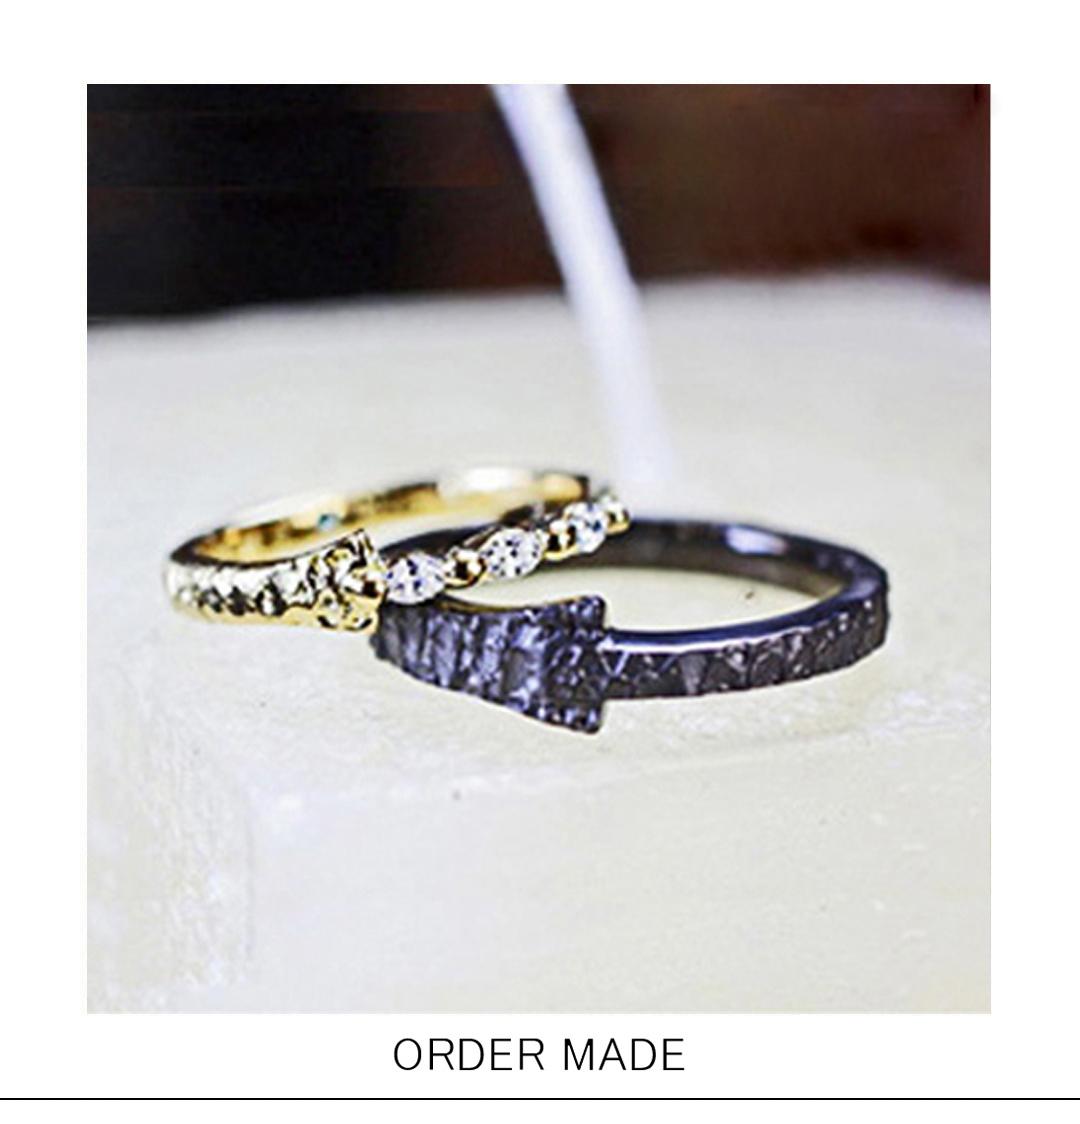 ゴールド&ブラックゴールドの個性的なオーダーメイドの結婚指輪ペアのサムネイル